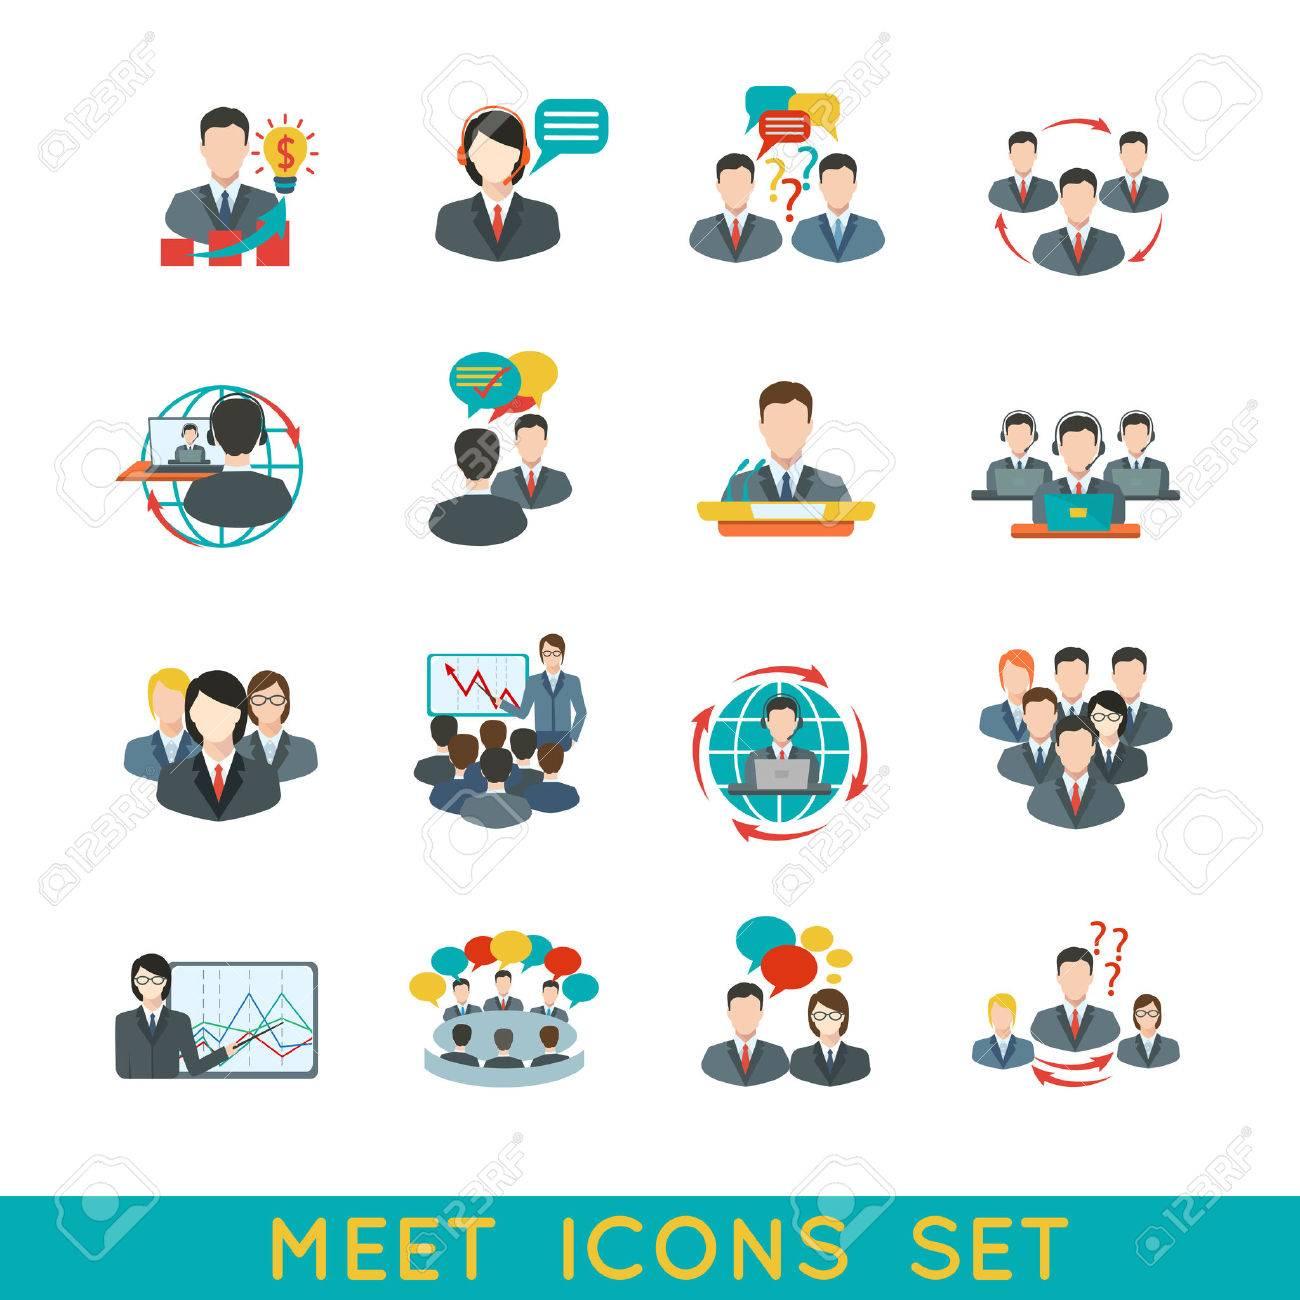 ビジネス会議フラット アイコン パートナーシップ計画会議要素分離